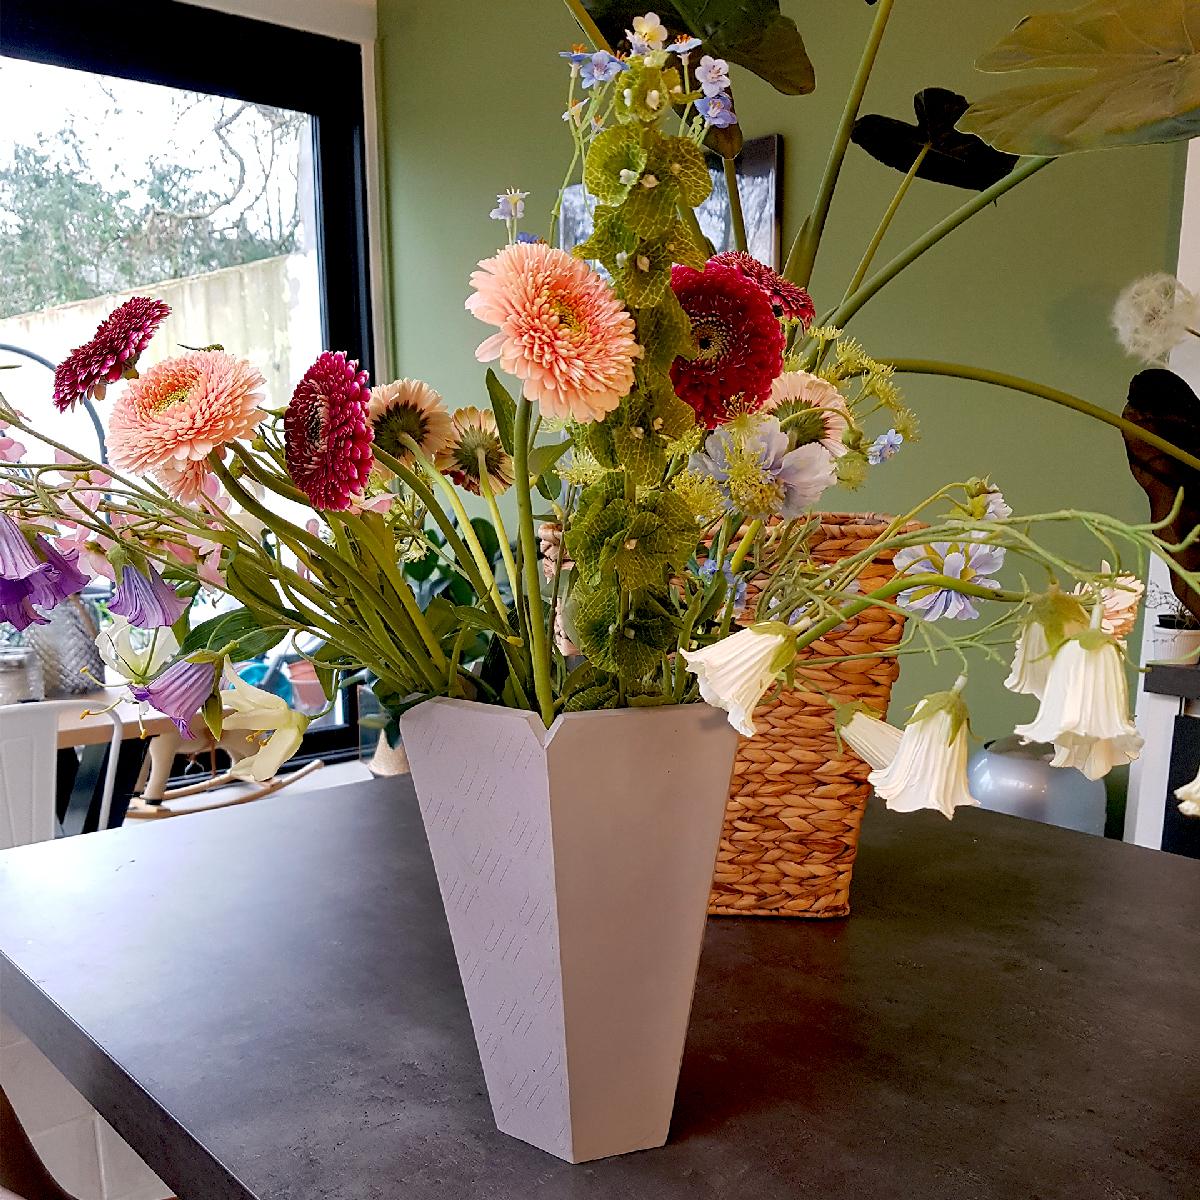 ALICE-concrete-vase-flowers